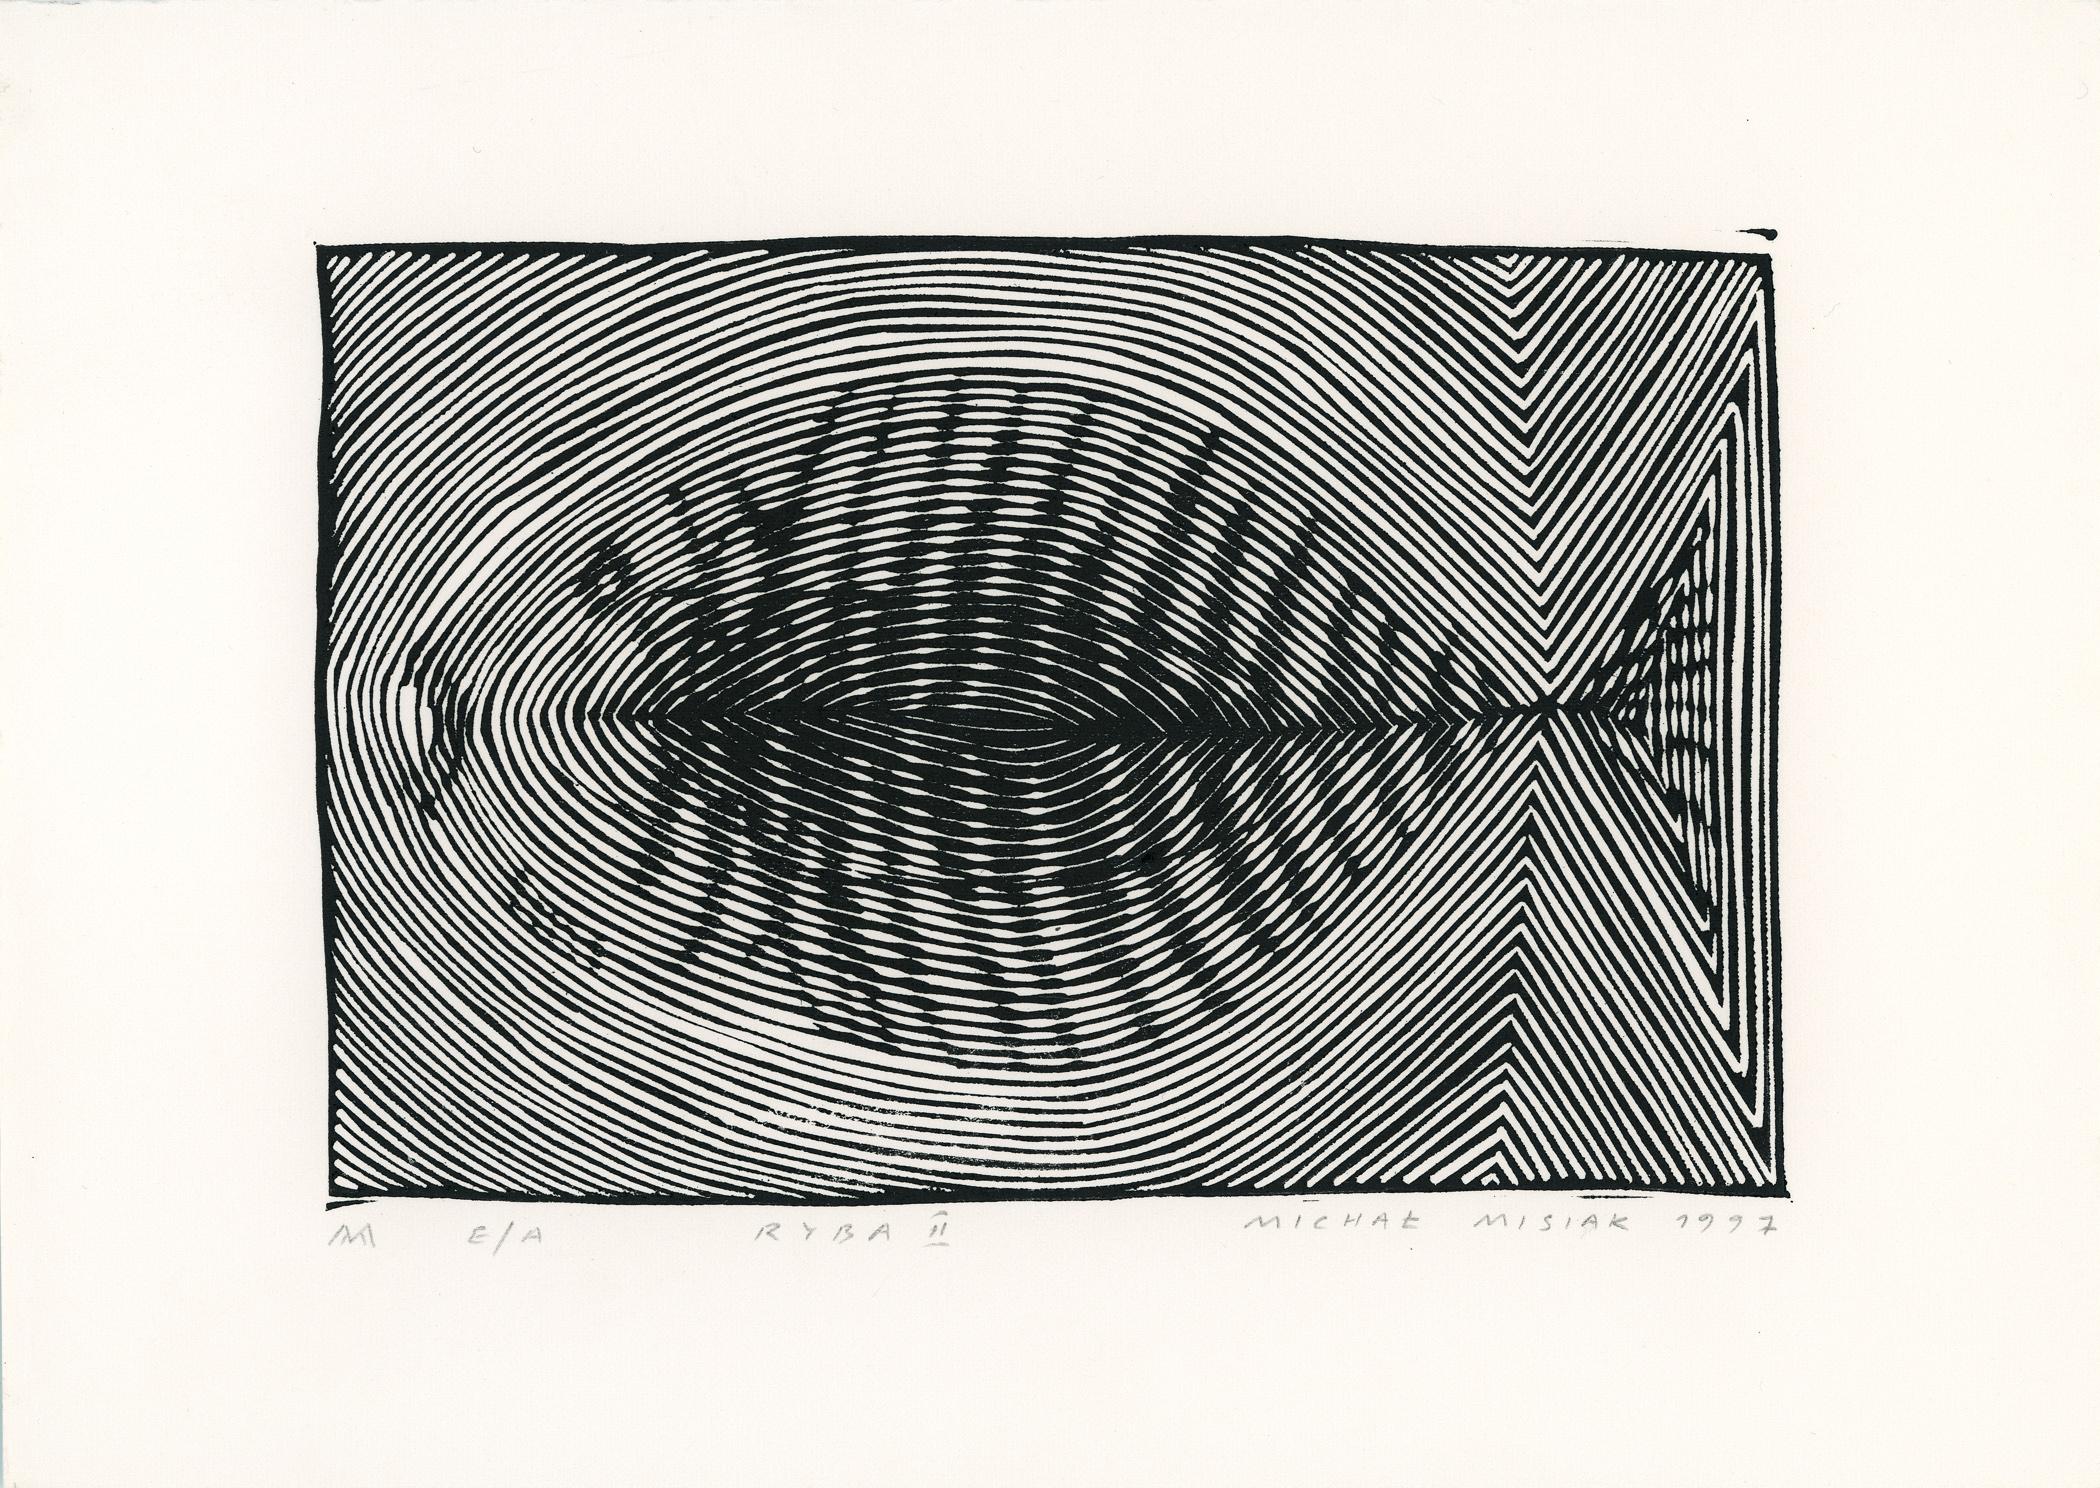 Ryba II, 1997